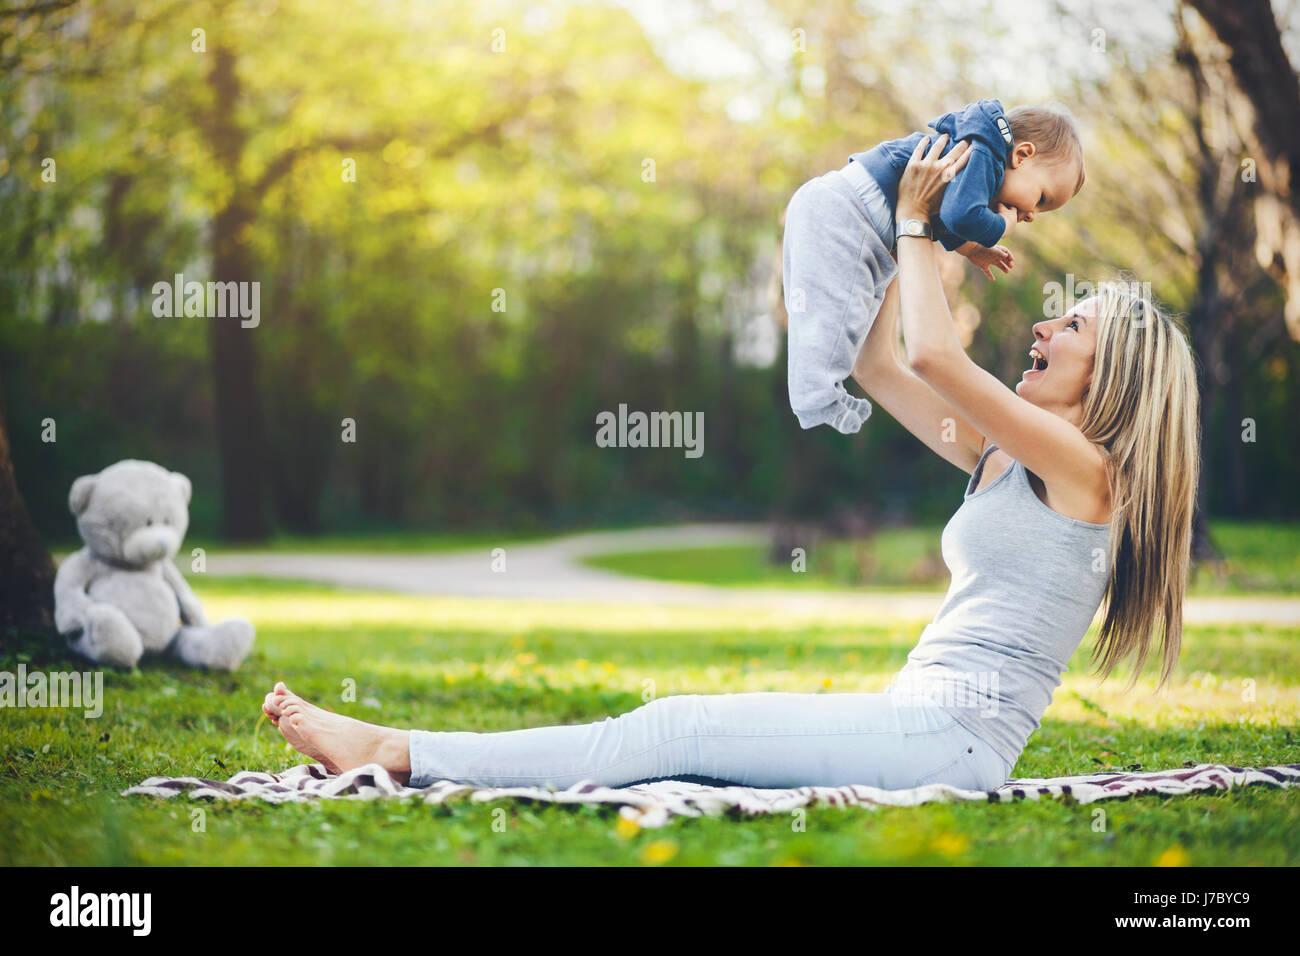 Felice madre con il suo bimbo di un anno all'aperto in un parco Immagini Stock